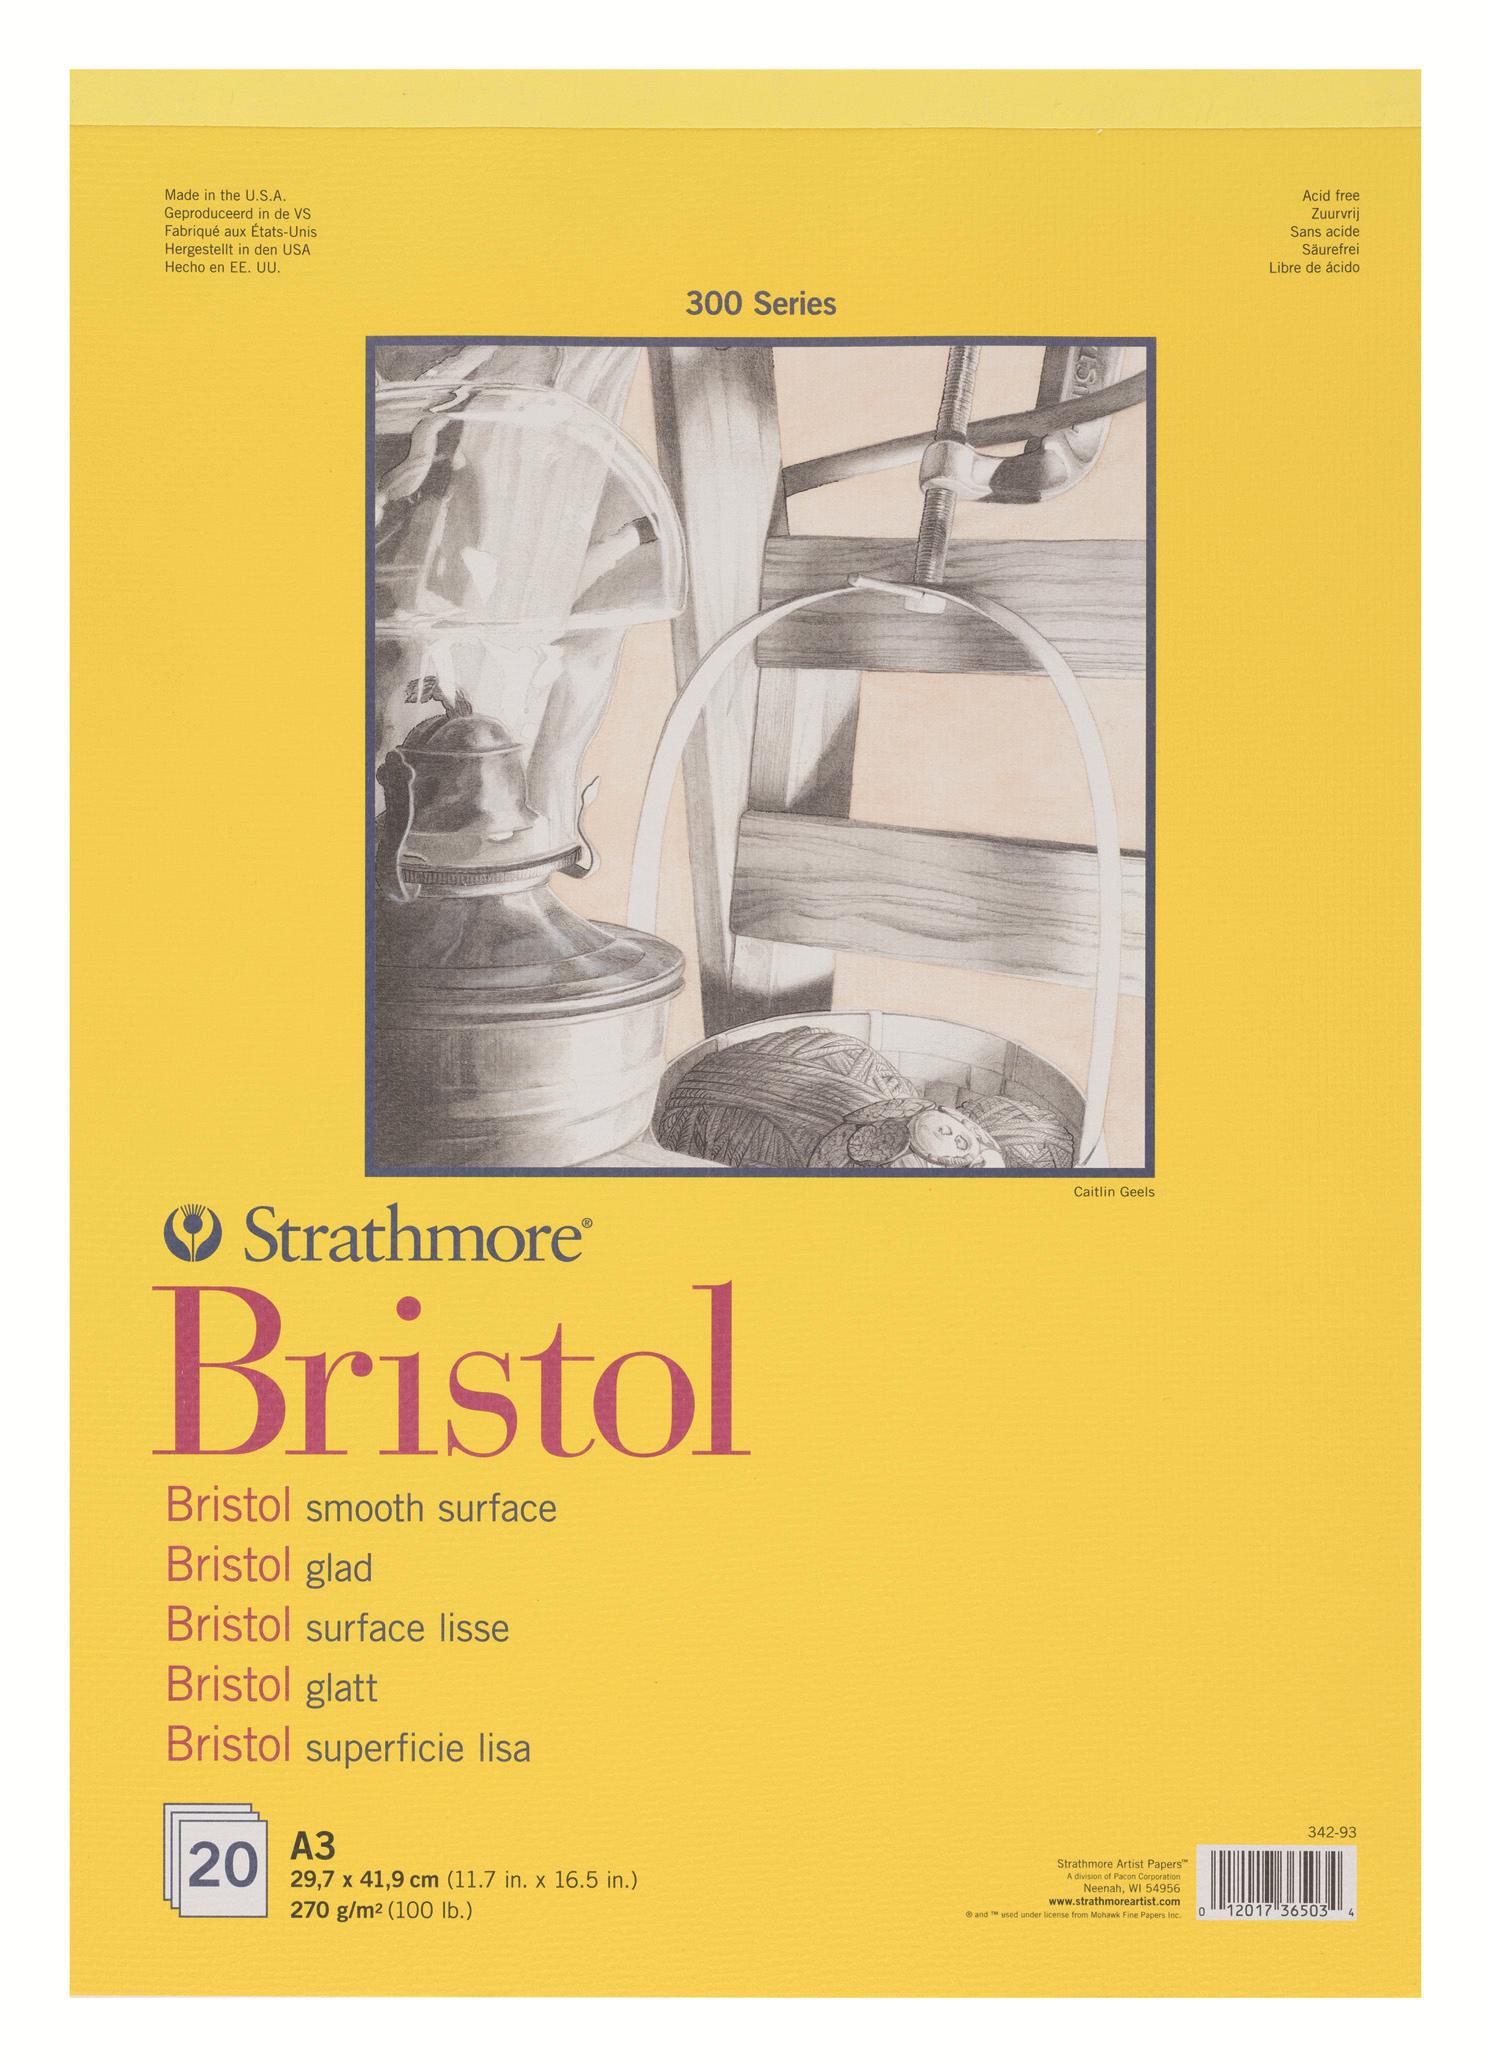 Strathmore Альбом для графики 300 Series 20 листов формат A3 -  Бумага и картон